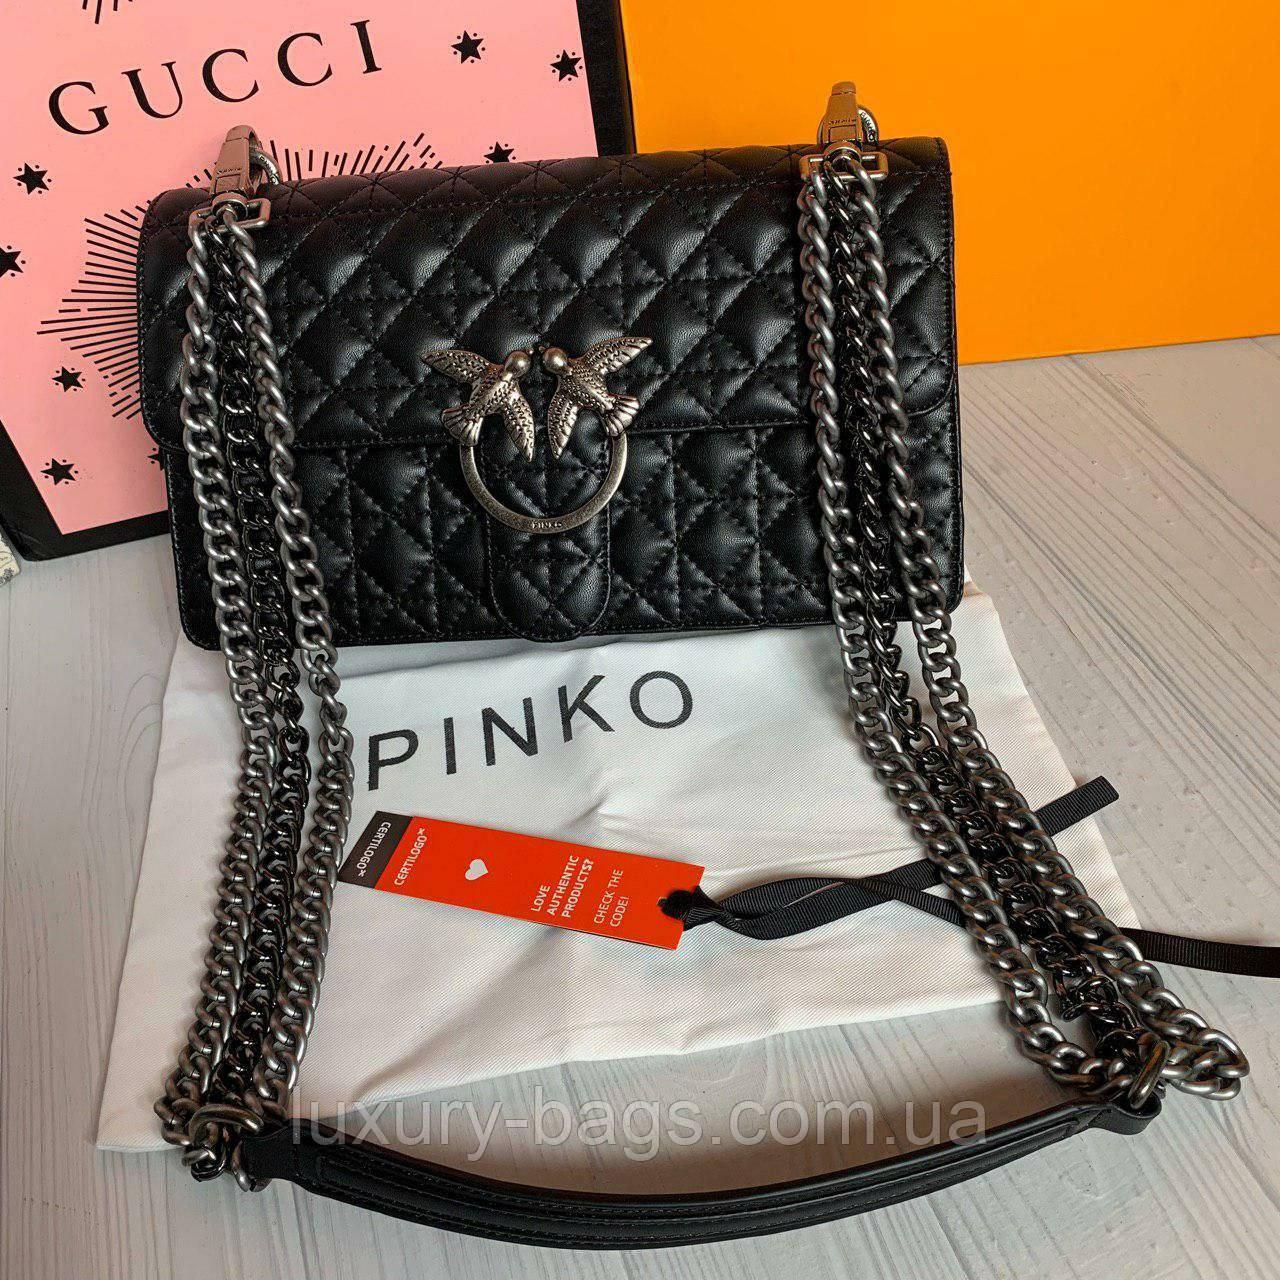 Шкіряна стьобана сумка Pinko Пінко